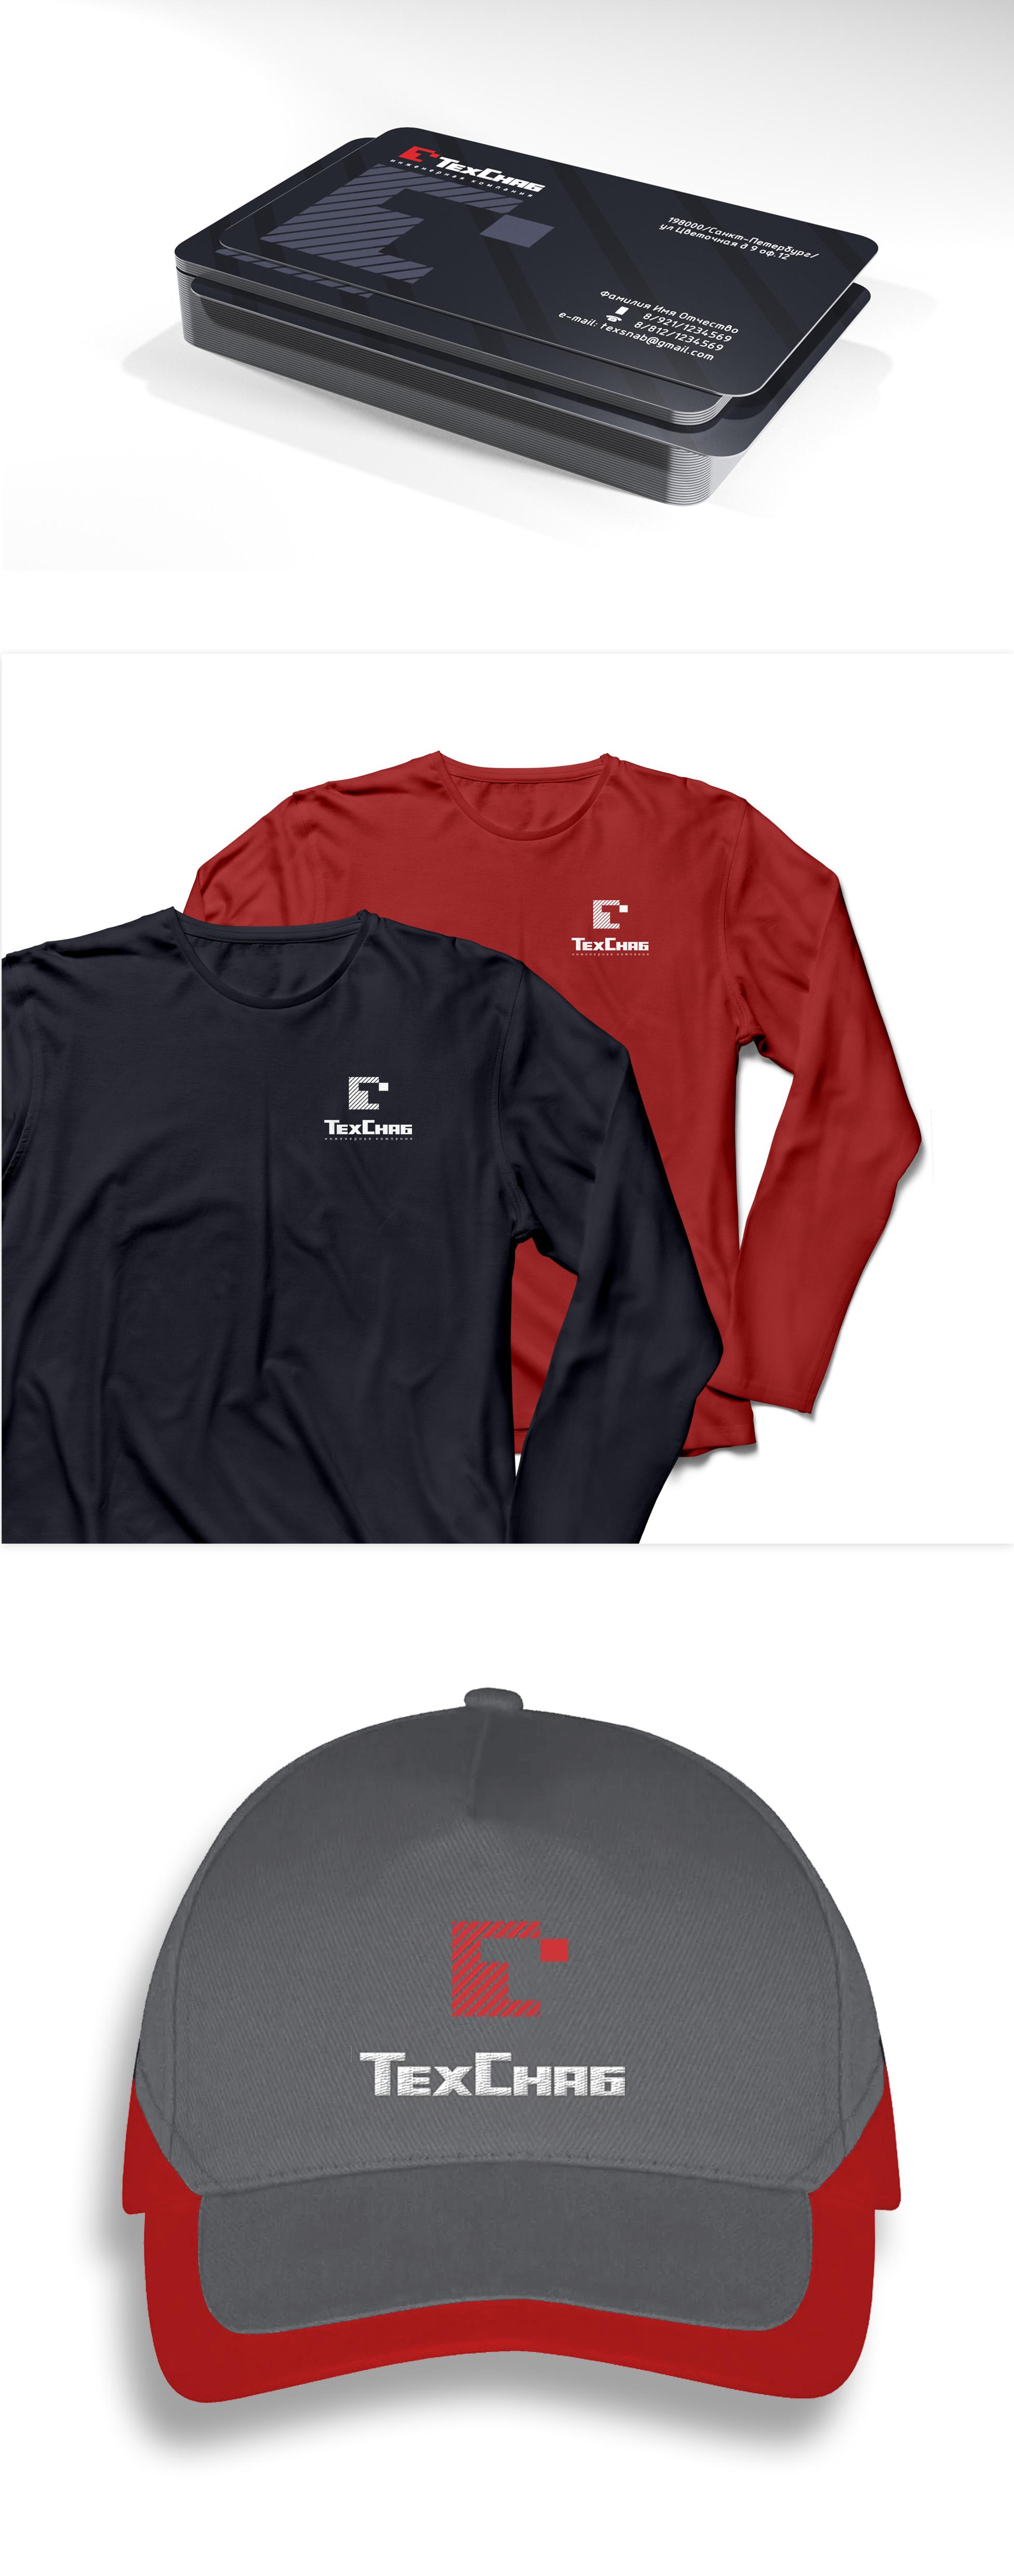 Разработка логотипа и фирм. стиля компании  ТЕХСНАБ фото f_6505b1d09c049061.jpg